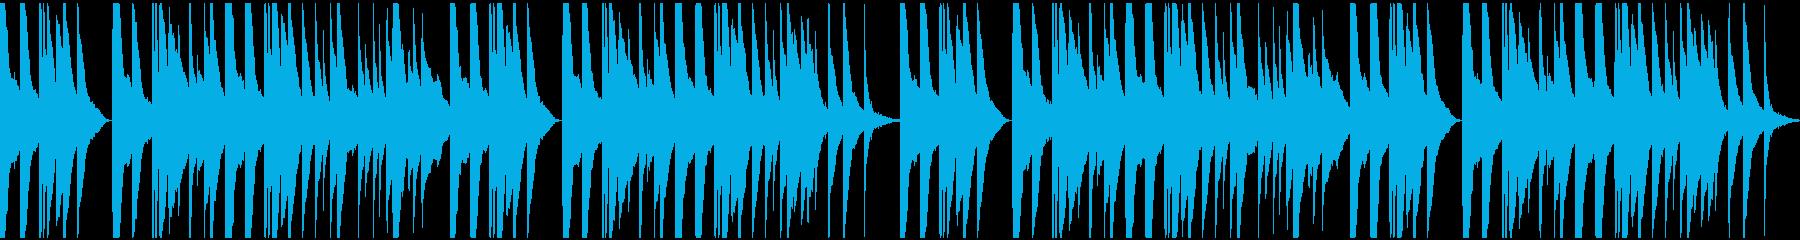 しんみりとした切ないオルゴールピアノの再生済みの波形